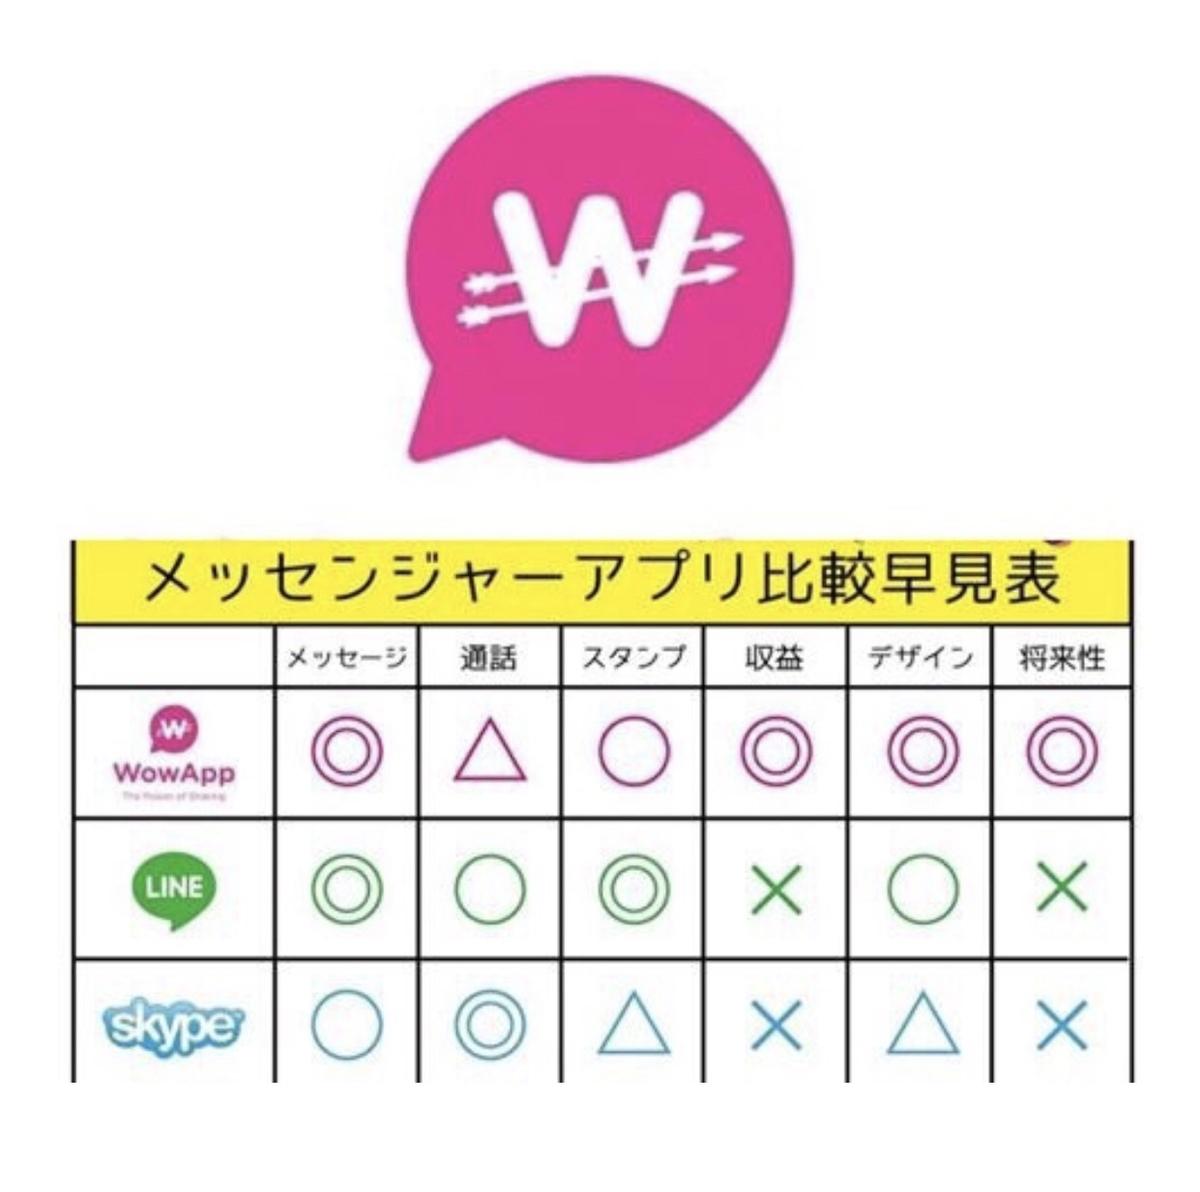 f:id:kaoruikeda:20210712182847j:plain